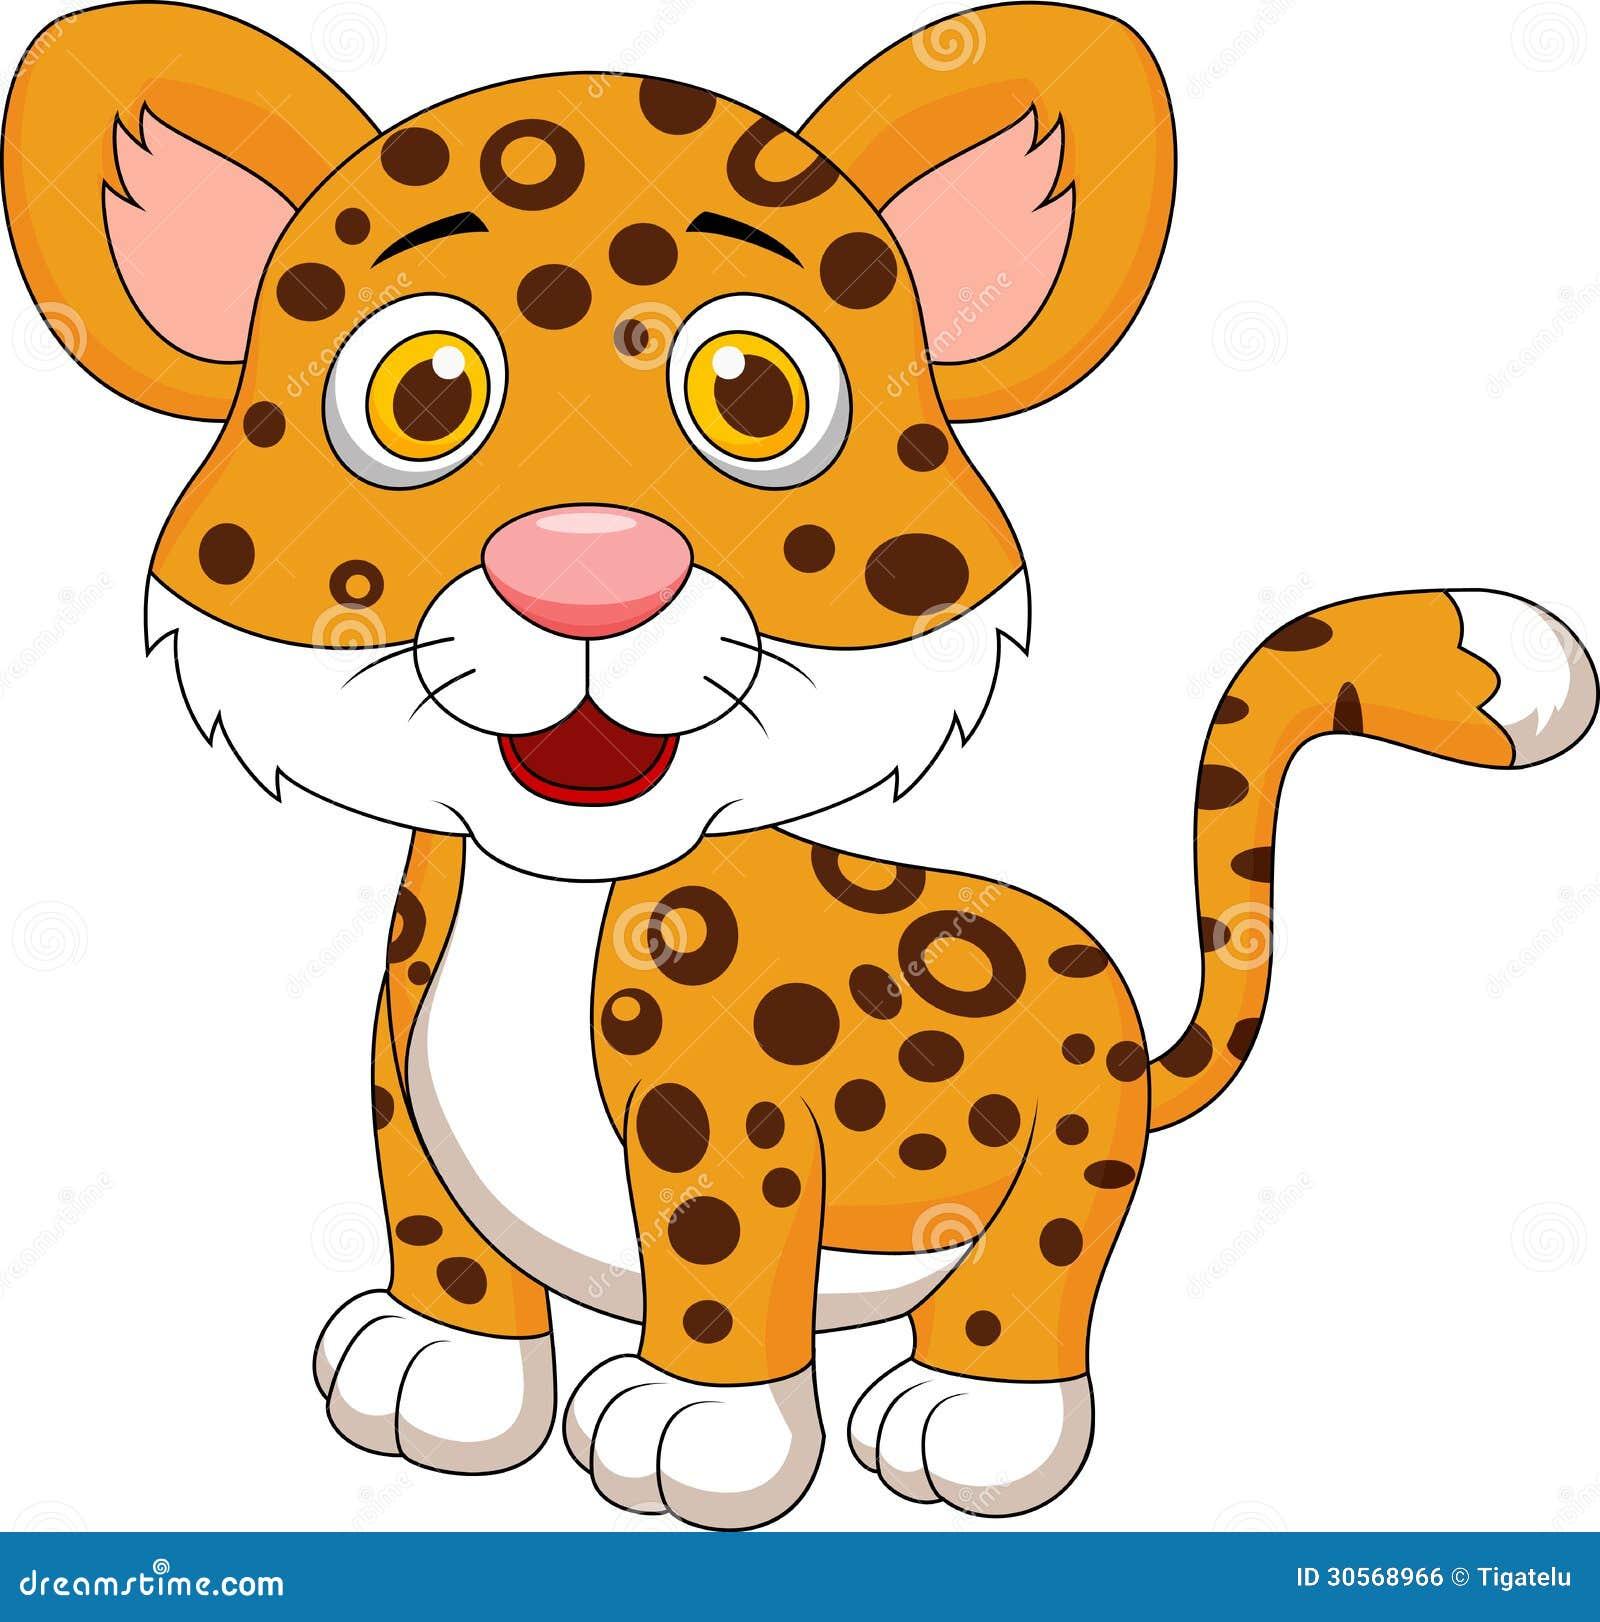 cute jaguar clipart - photo #13